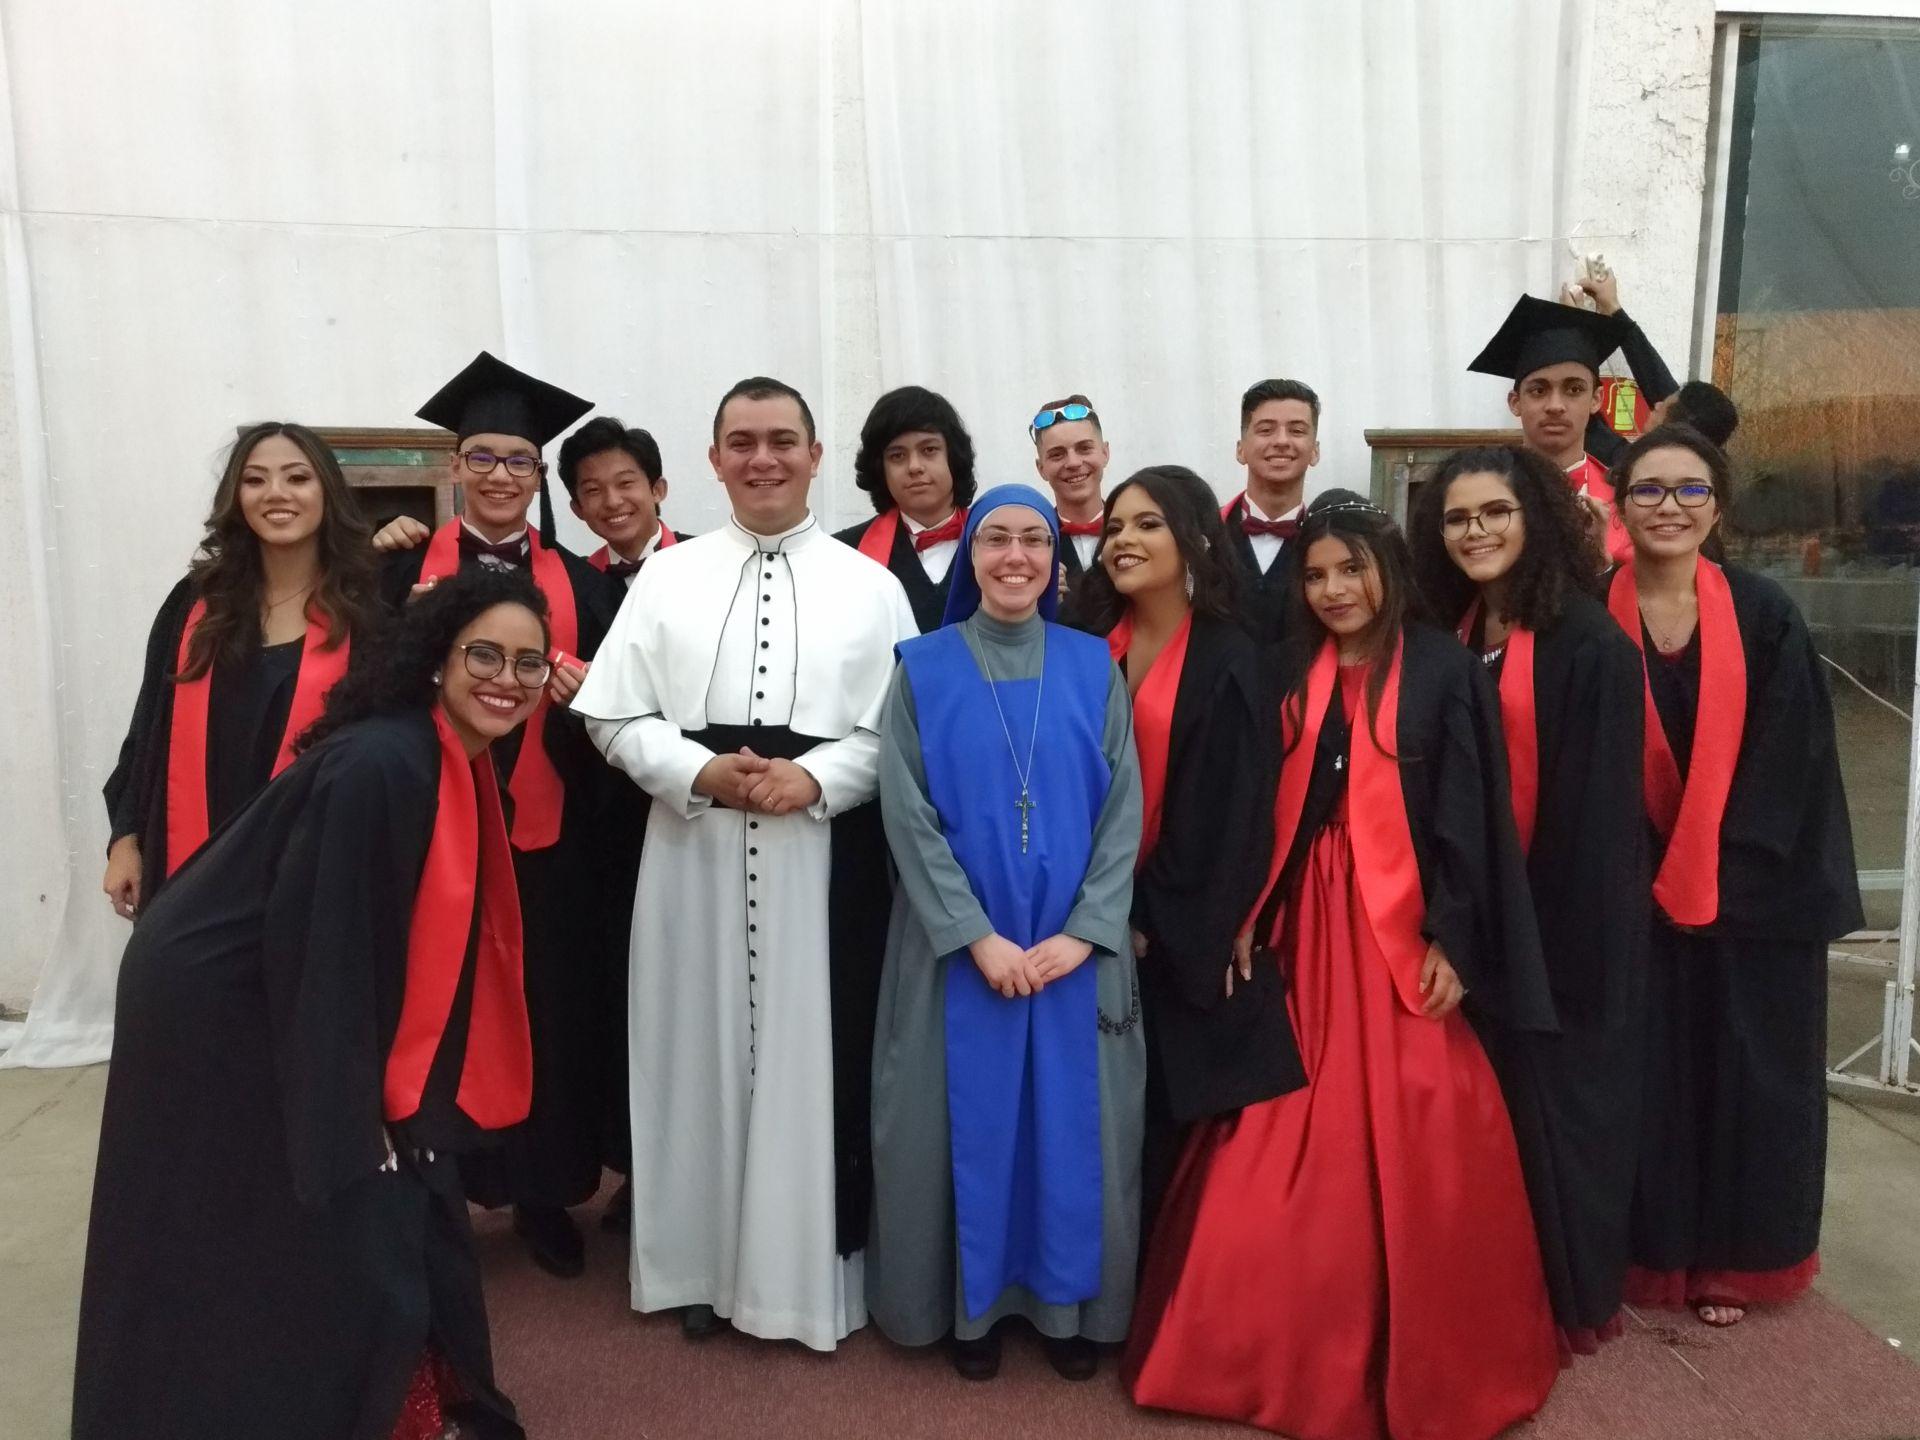 Os Diretores do Colégio Diocesano Paulo VI e os formandos do 9º ano do Ensino Fundamental II